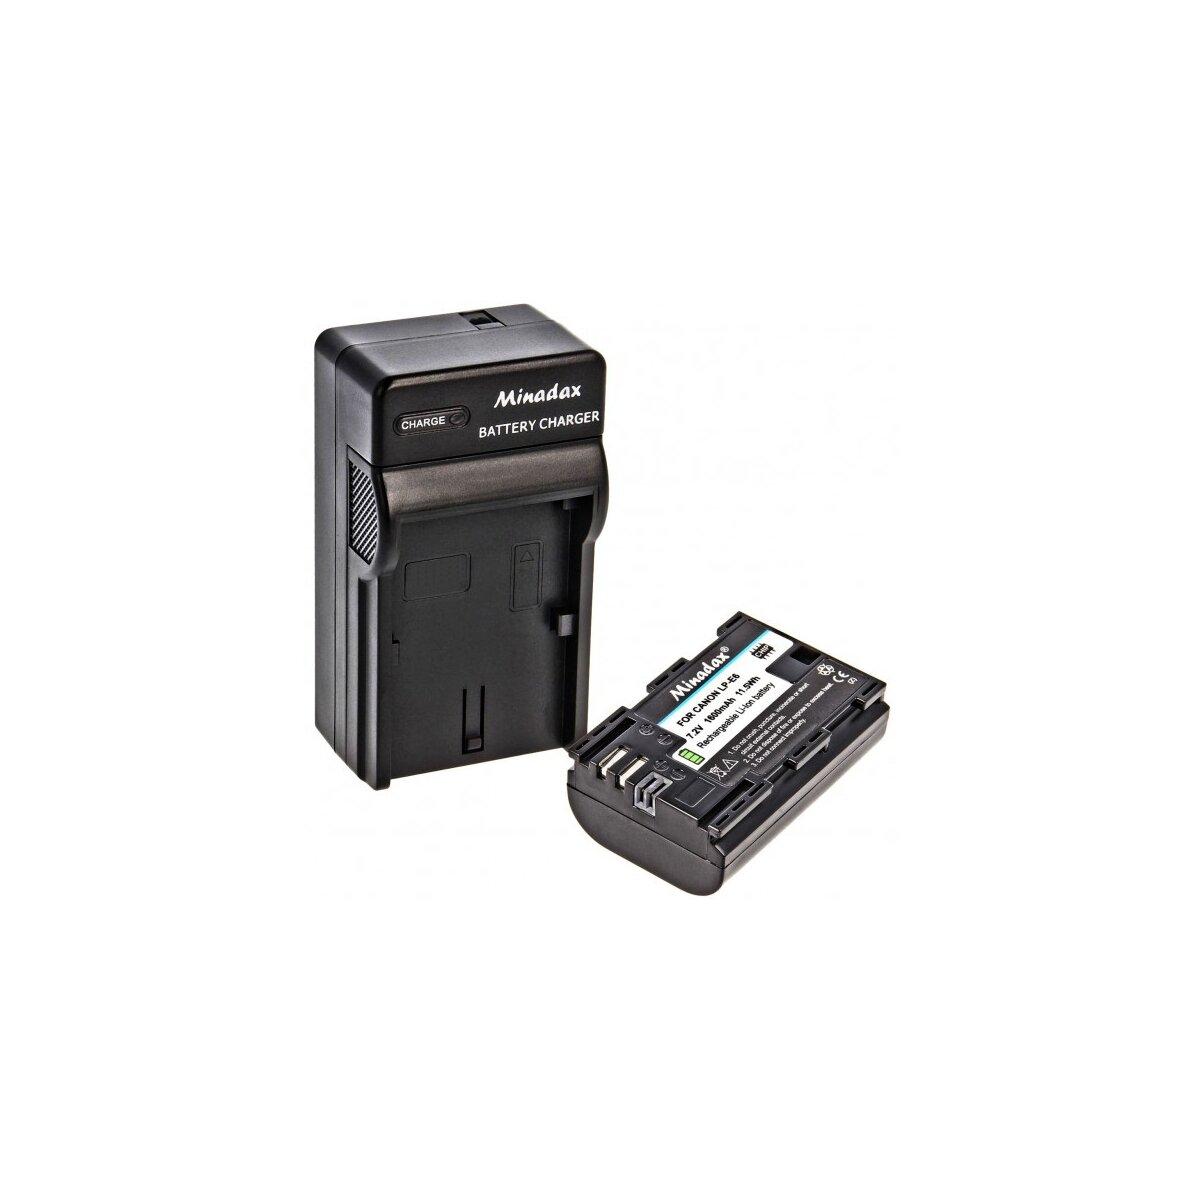 Minadax Li-Ion Akku Ersatz für LP-E6 LPE6 kompatibel mit Canon EOS 80D 70D 60D 60Da 7D 7D Mark II 6D 5D Mark IV, 5D Mark III, 5D Mark II + Minadax® Ladegerät inkl. Auto Ladekabel, Ladeschale austauschbar